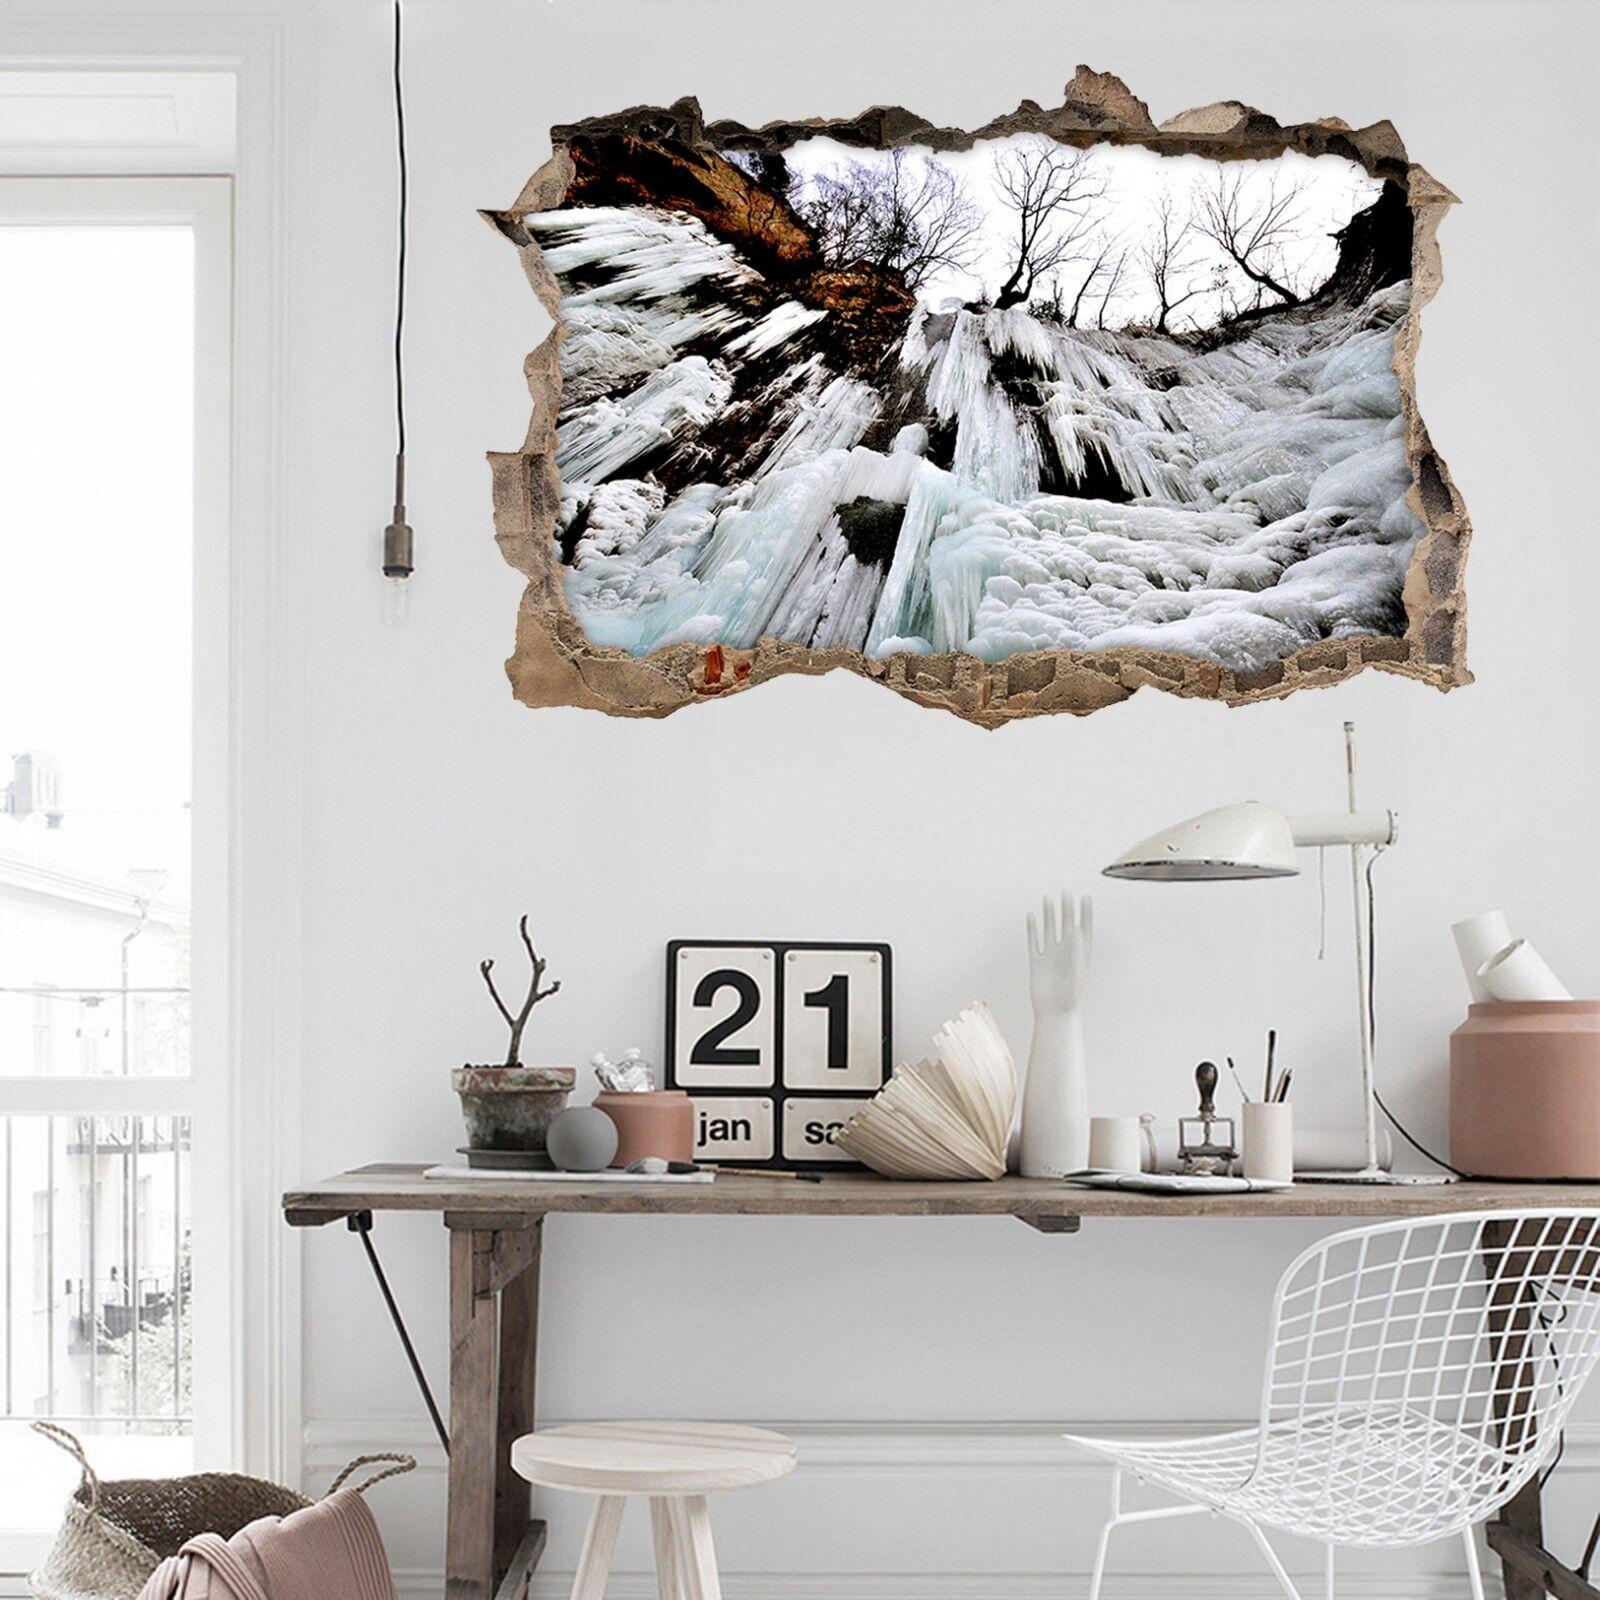 3D Höhle Eiszapfen Mauer Murals Mauer Aufklebe Decal Durchbruch AJ WALLPAPER DE